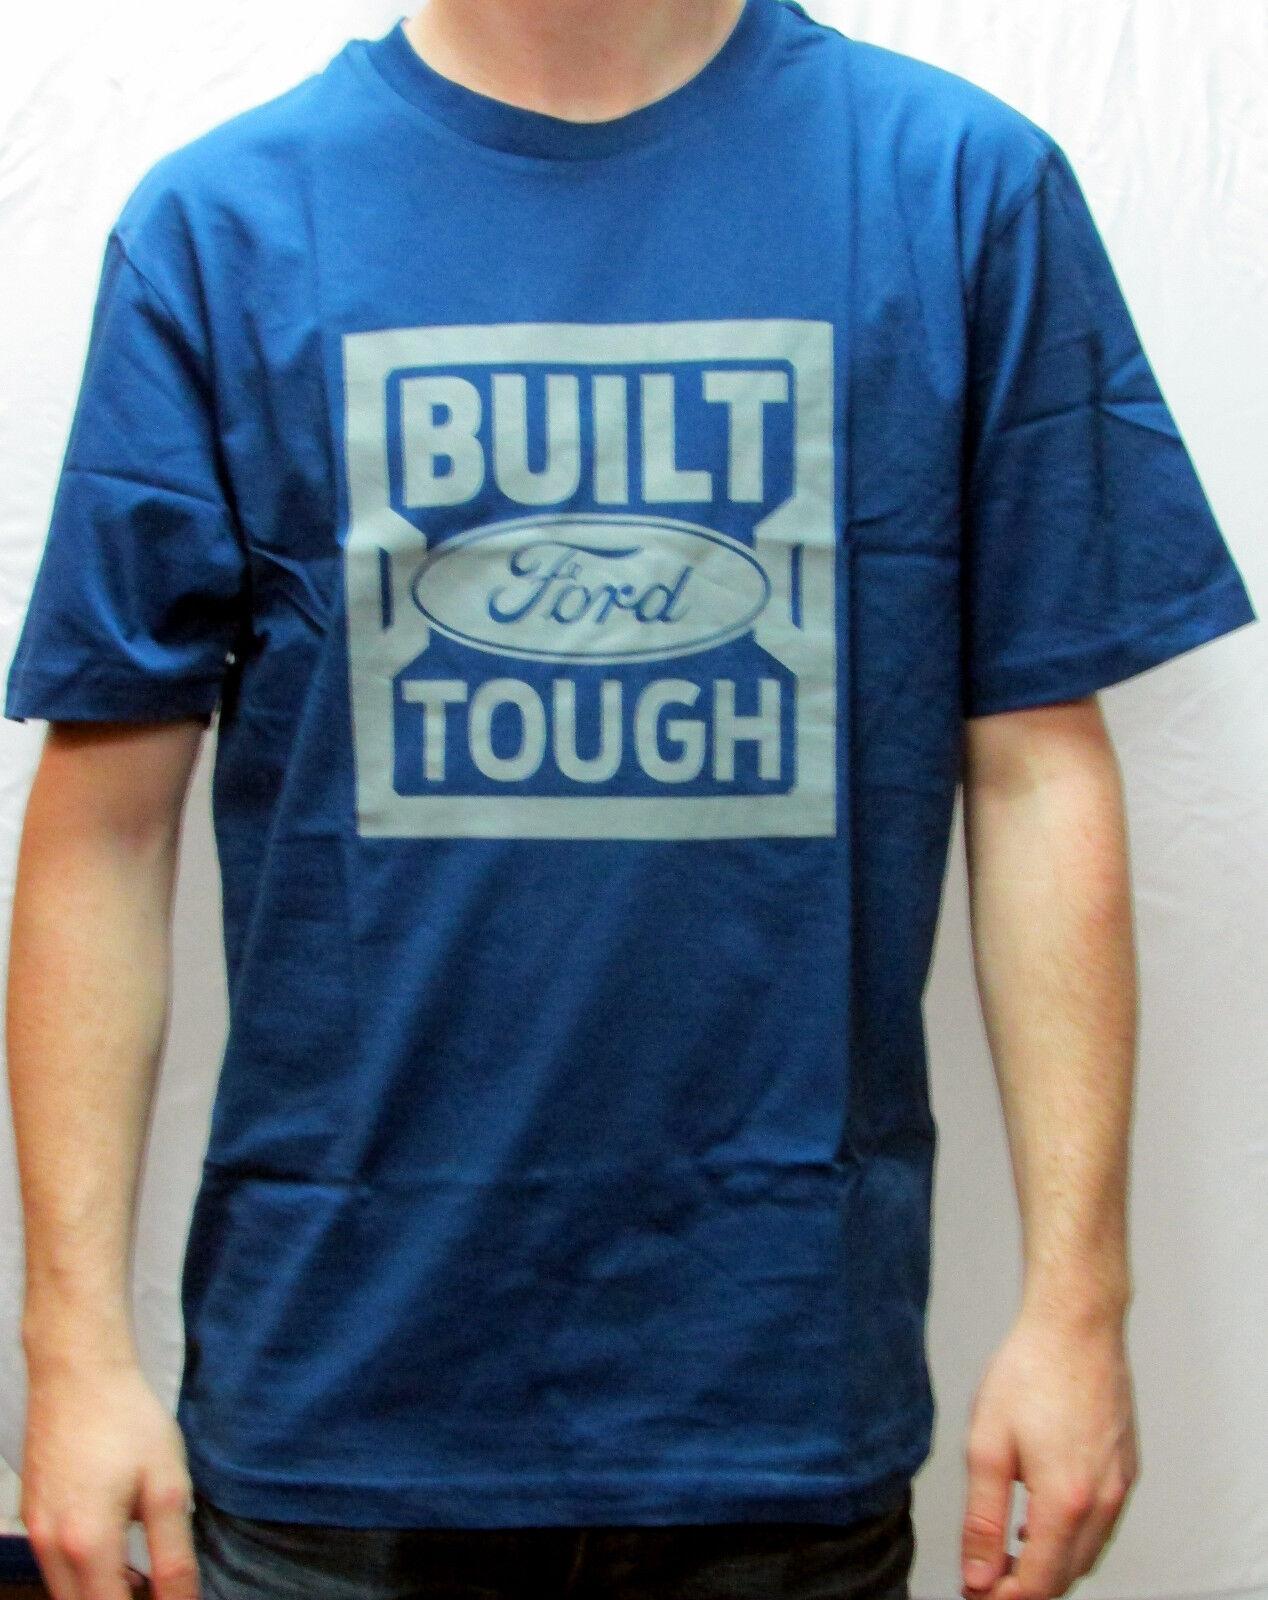 2a0b2ba8 Ford T-Shirt Tough Size S Built ocnoxn3820-T-Shirts - www ...